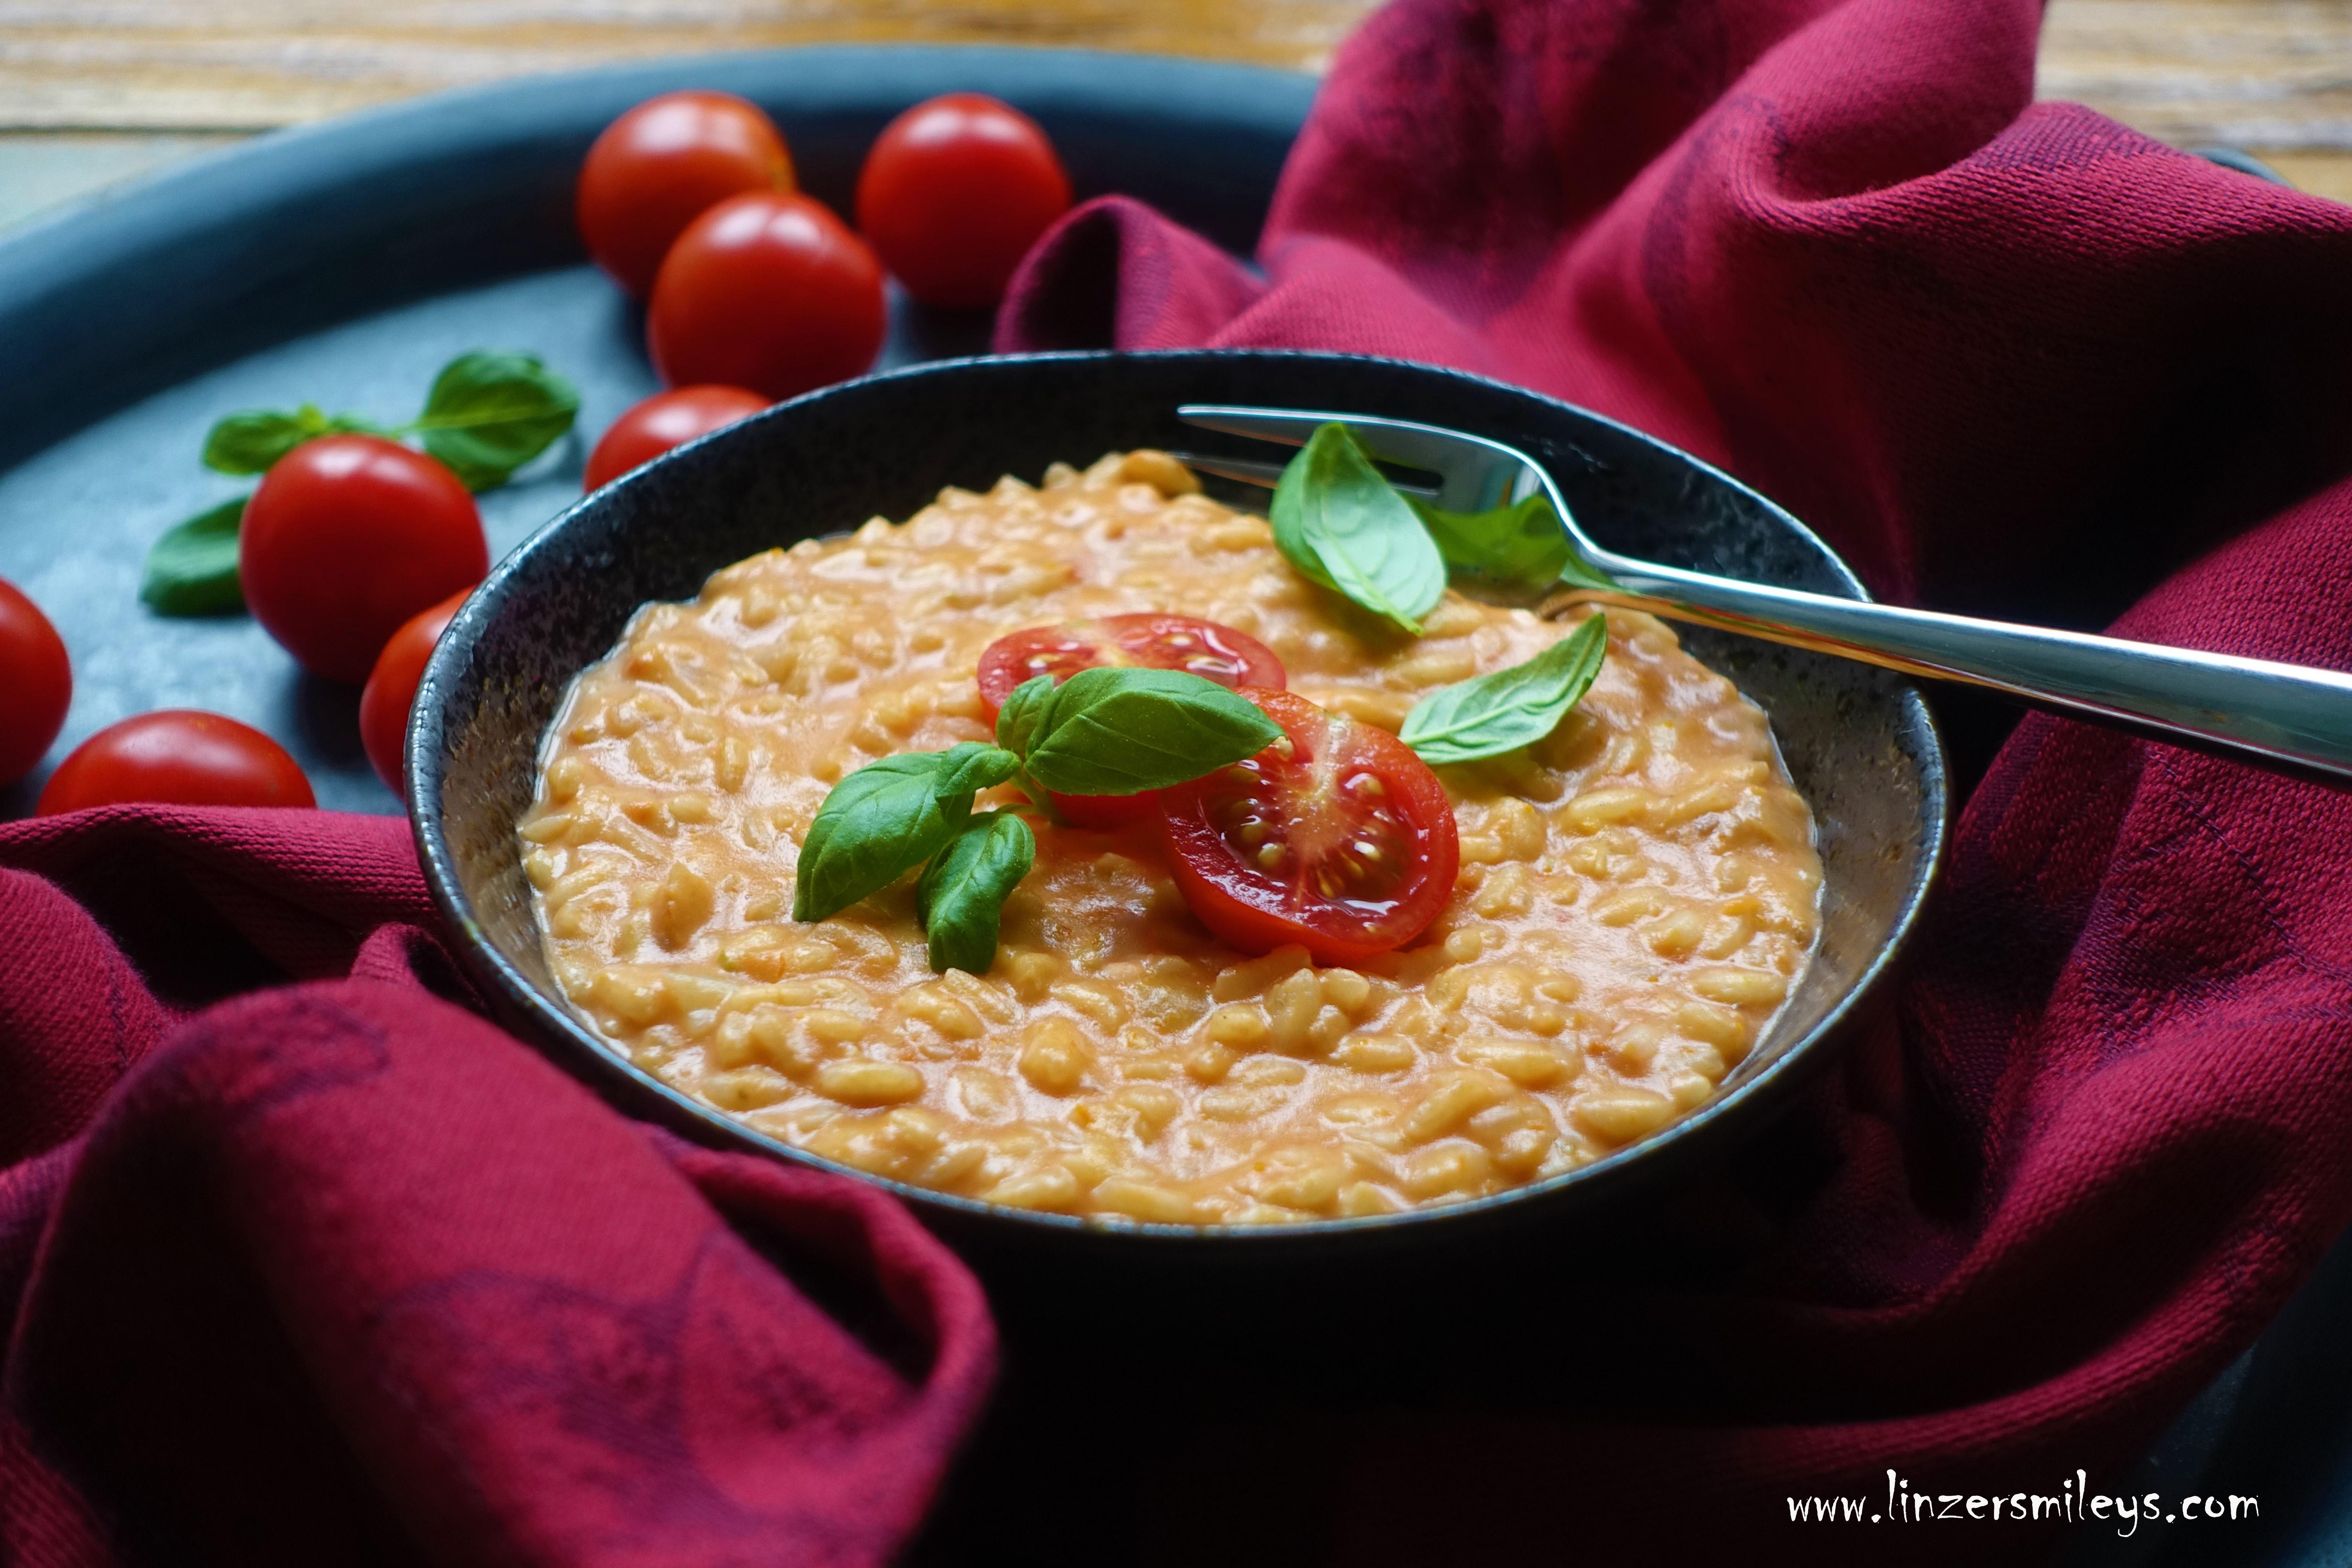 Tomatenrisotto, Risotto al pomodoro, cremig, sämig, sahnig, sommerlich, piatto estivo, Sommergericht, italienisch kochen, was machen mit getrockneten Tomaten?